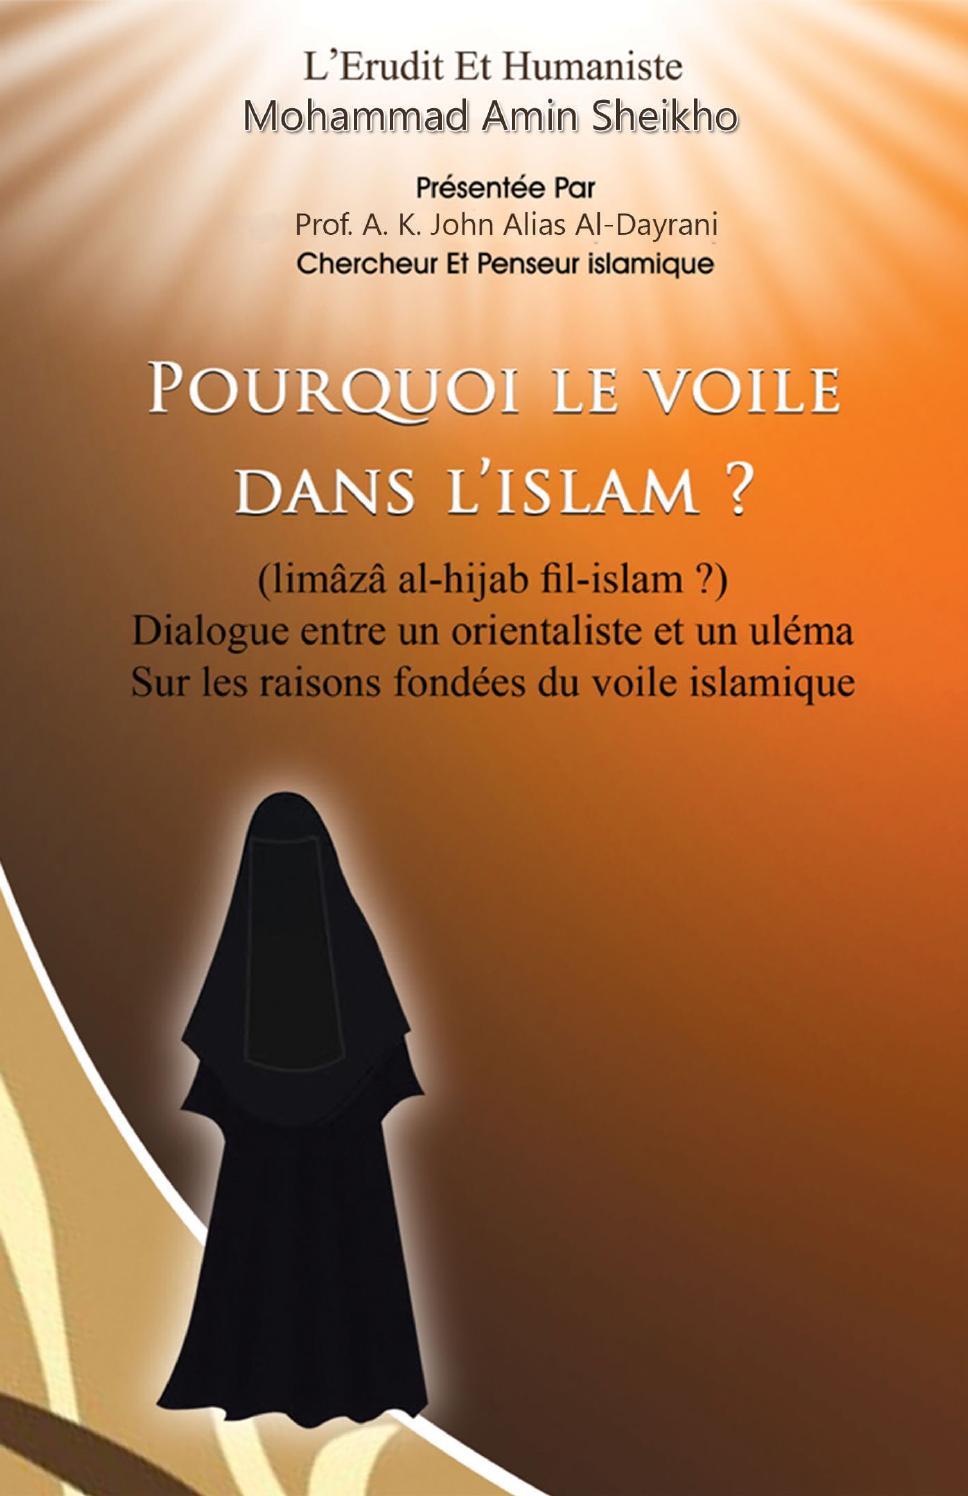 flirter avec un homme islam